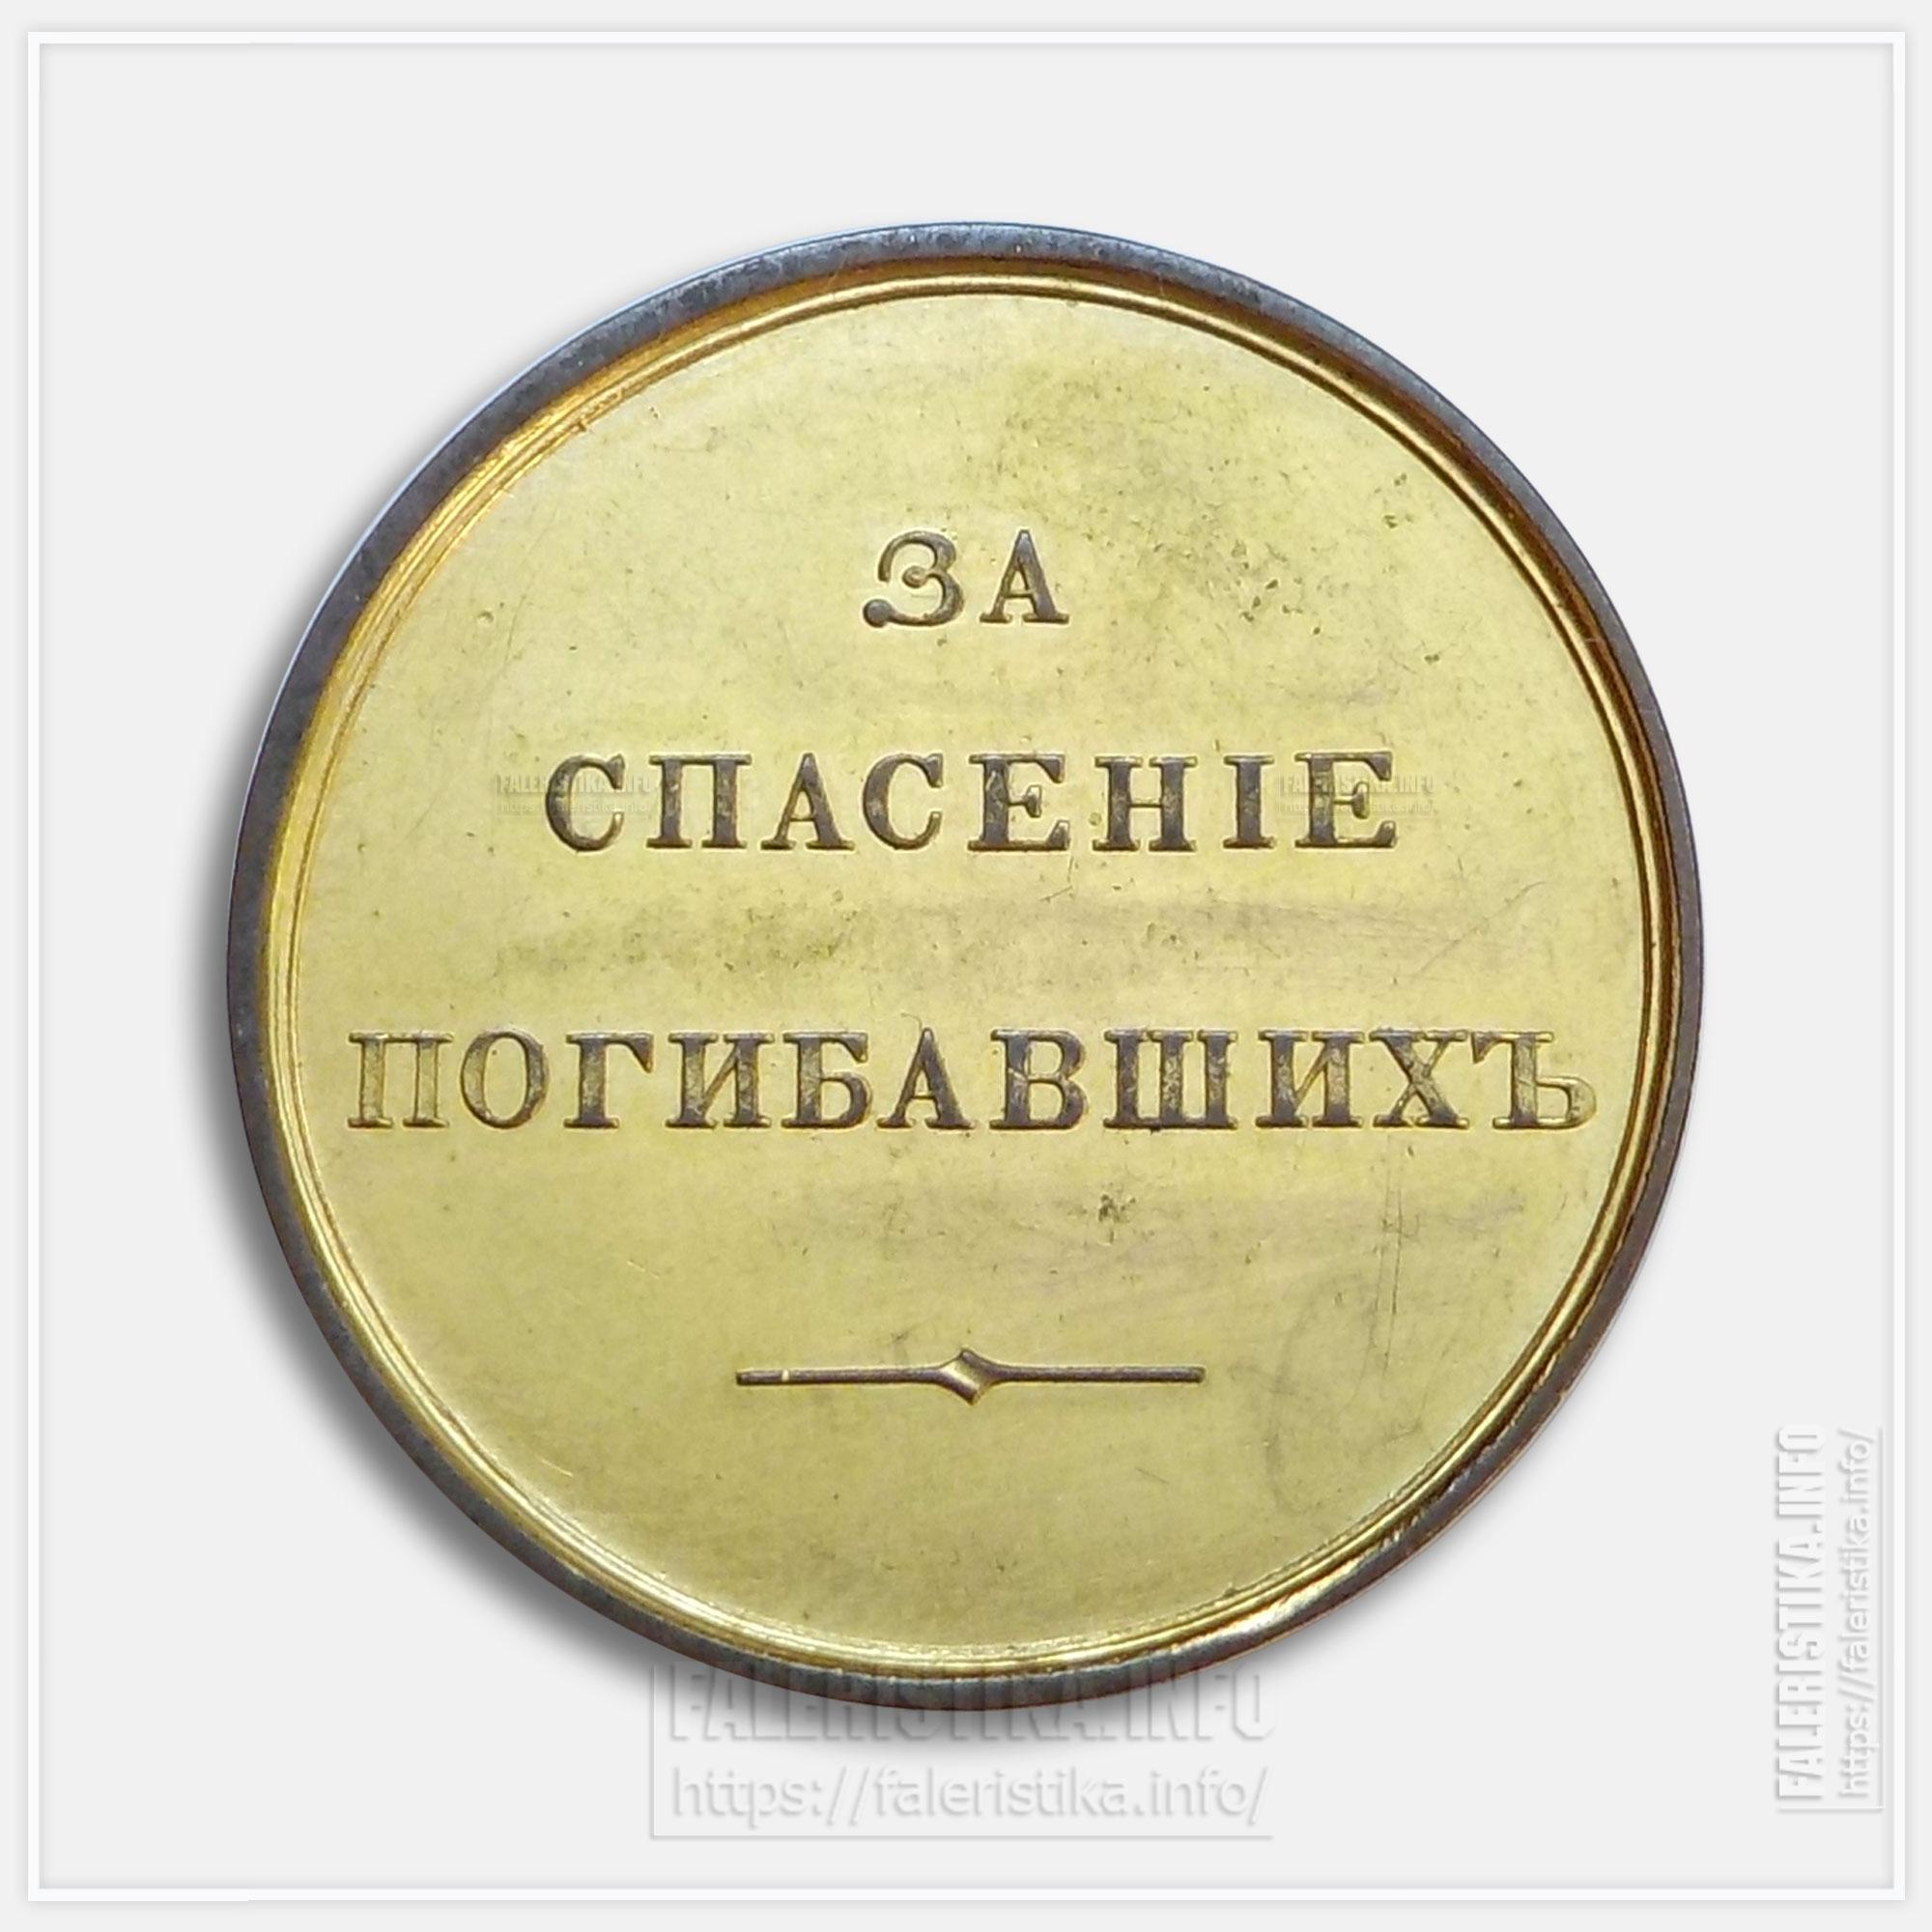 Медаль «За спасение погибавших» Александр III